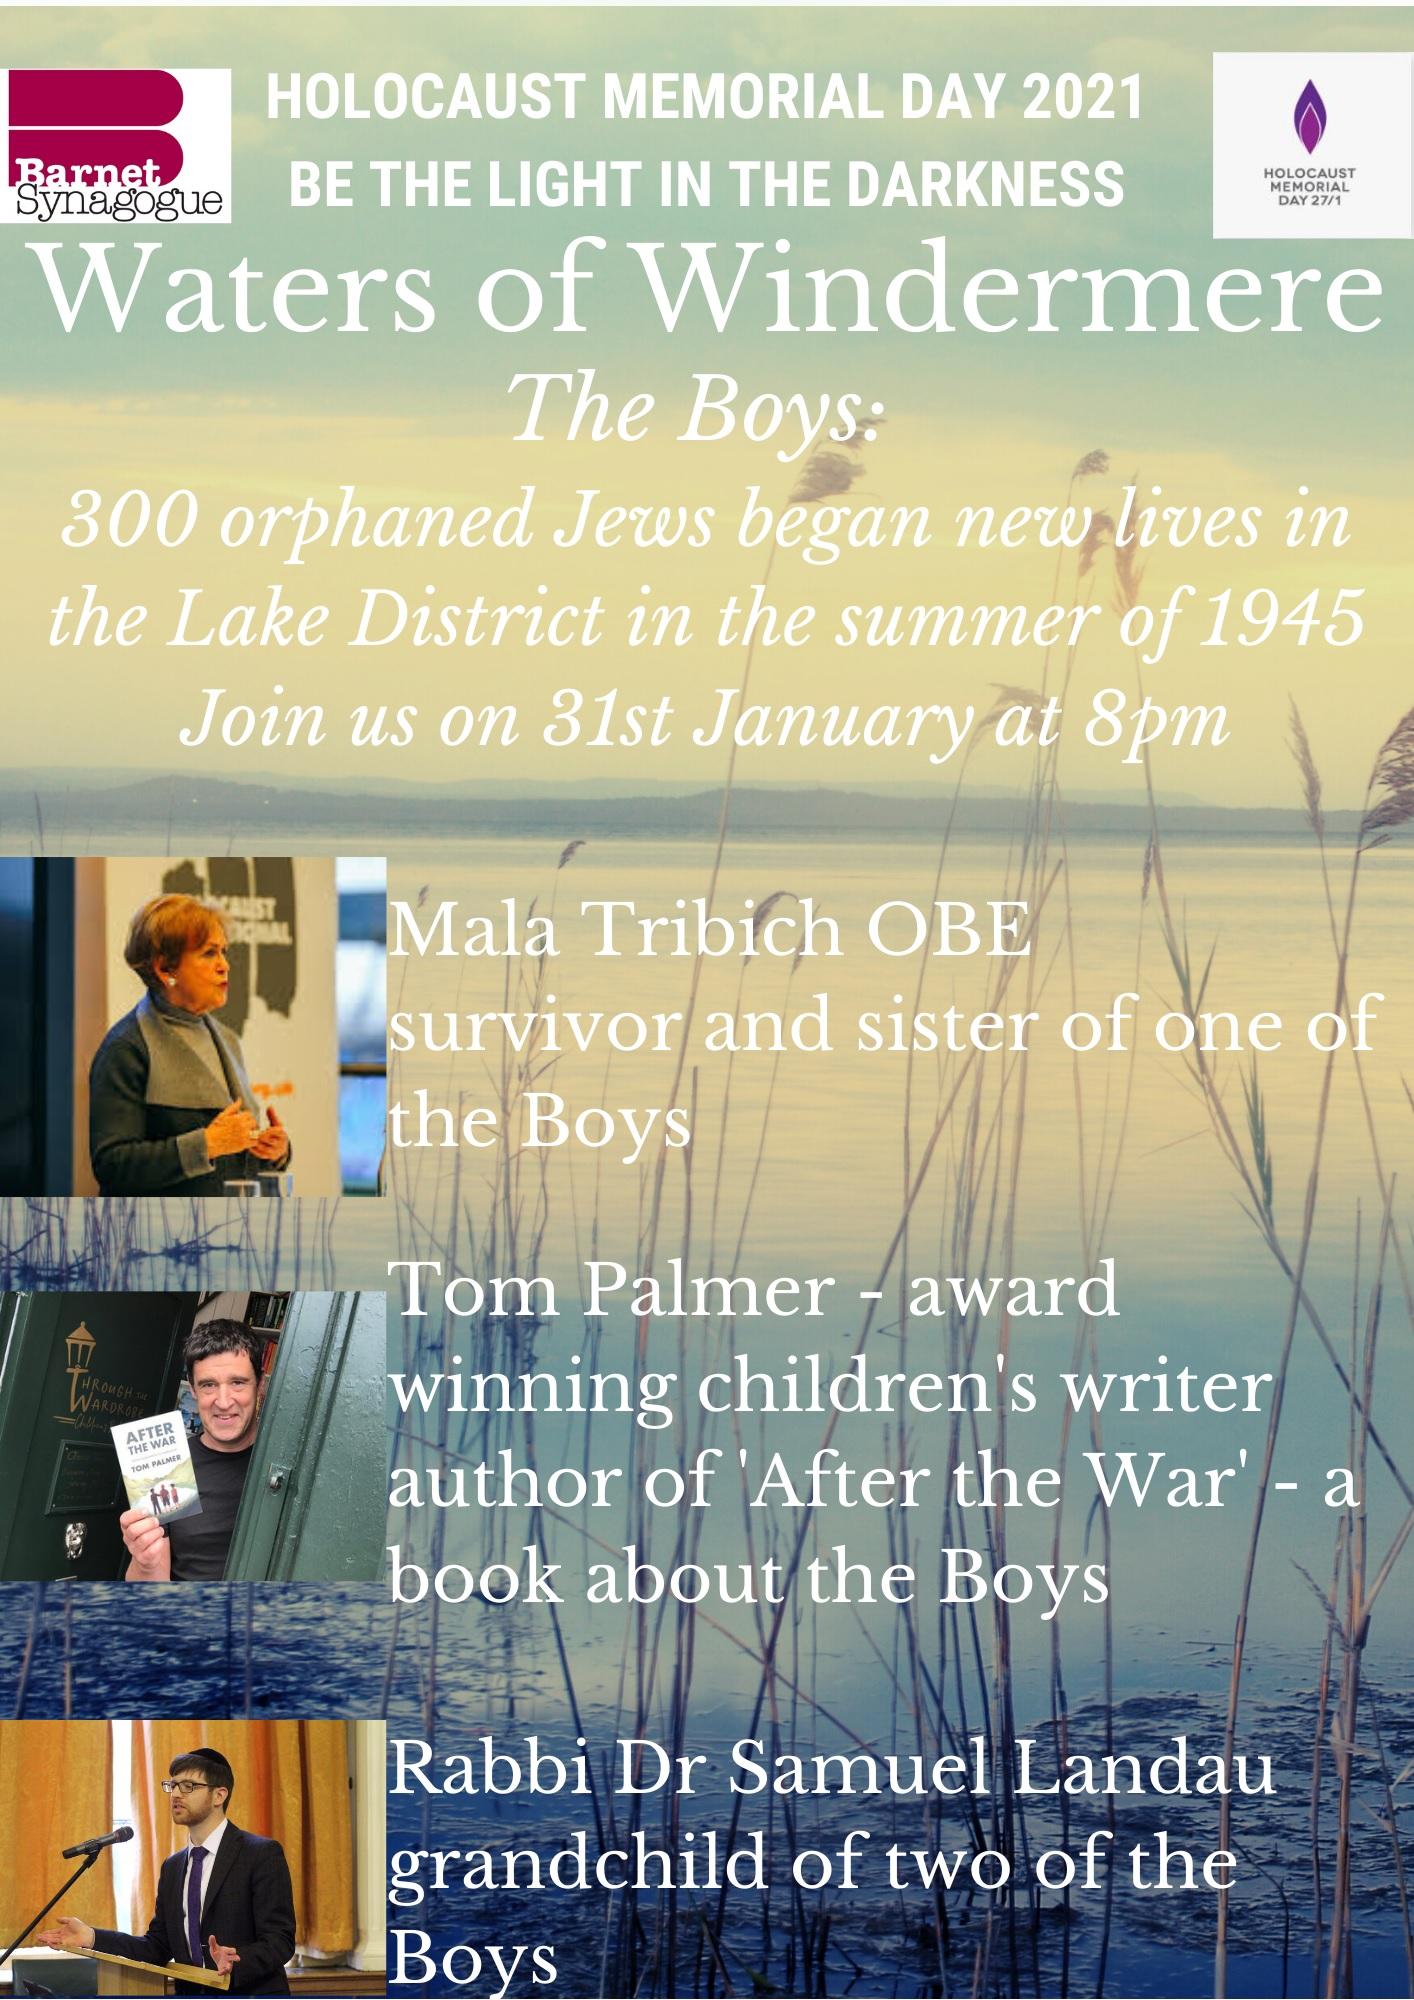 Waters of Windermere